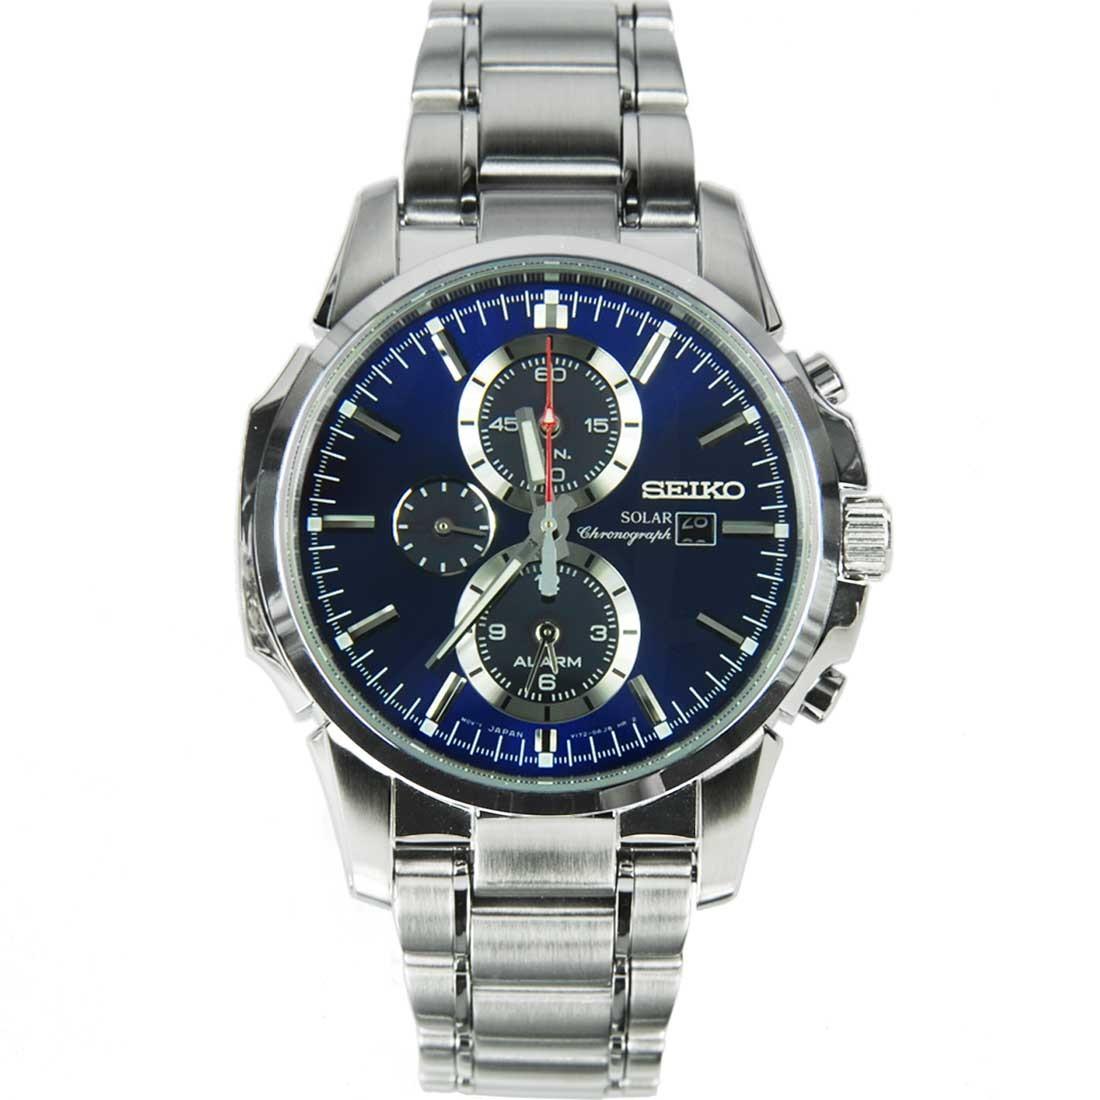 นาฬิกา Seiko Solar Chronograph Watches SSC085P1 SSC085P